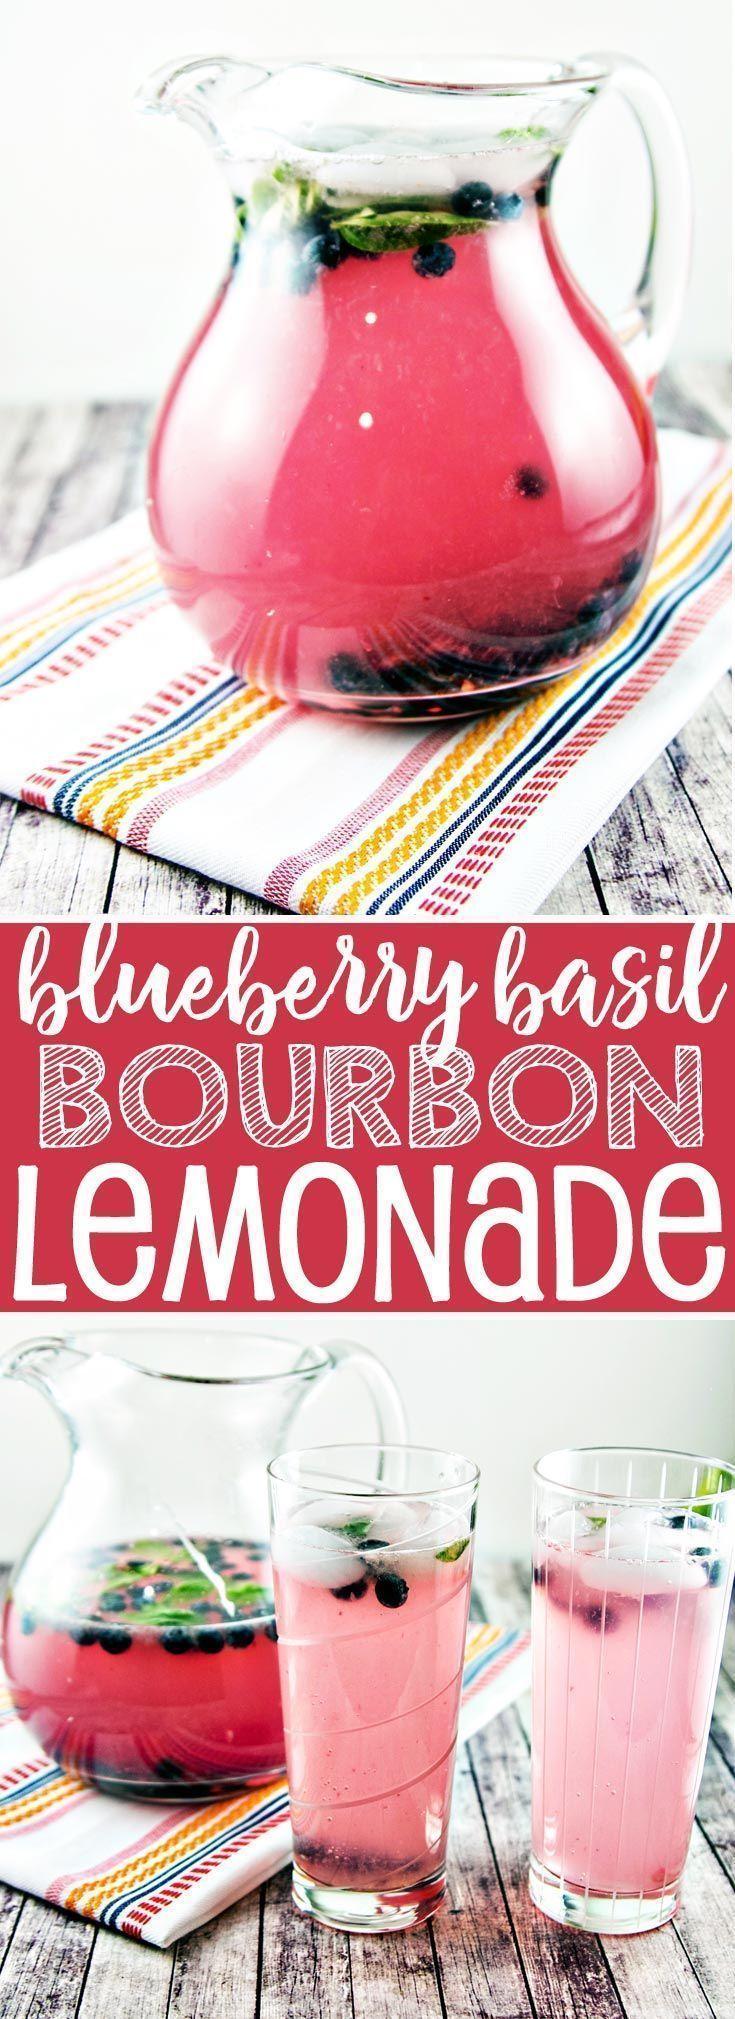 Heidelbeer-Basilikum-Limonade #basillemonade #HeidelbeerBasilikumLimonade Blueberry Basil Lemonade        Heidelbeer-Basilikum-Limonade (Bourbon): Feiern Sie die… #basillemonade Heidelbeer-Basilikum-Limonade #basillemonade #HeidelbeerBasilikumLimonade Blueberry Basil Lemonade        Heidelbeer-Basilikum-Limonade (Bourbon): Feiern Sie die… #basillemonade Heidelbeer-Basilikum-Limonade #basillemonade #HeidelbeerBasilikumLimonade Blueberry Basil Lemonade        Heidelbeer-Basilikum-Limonade (Bou #basillemonade